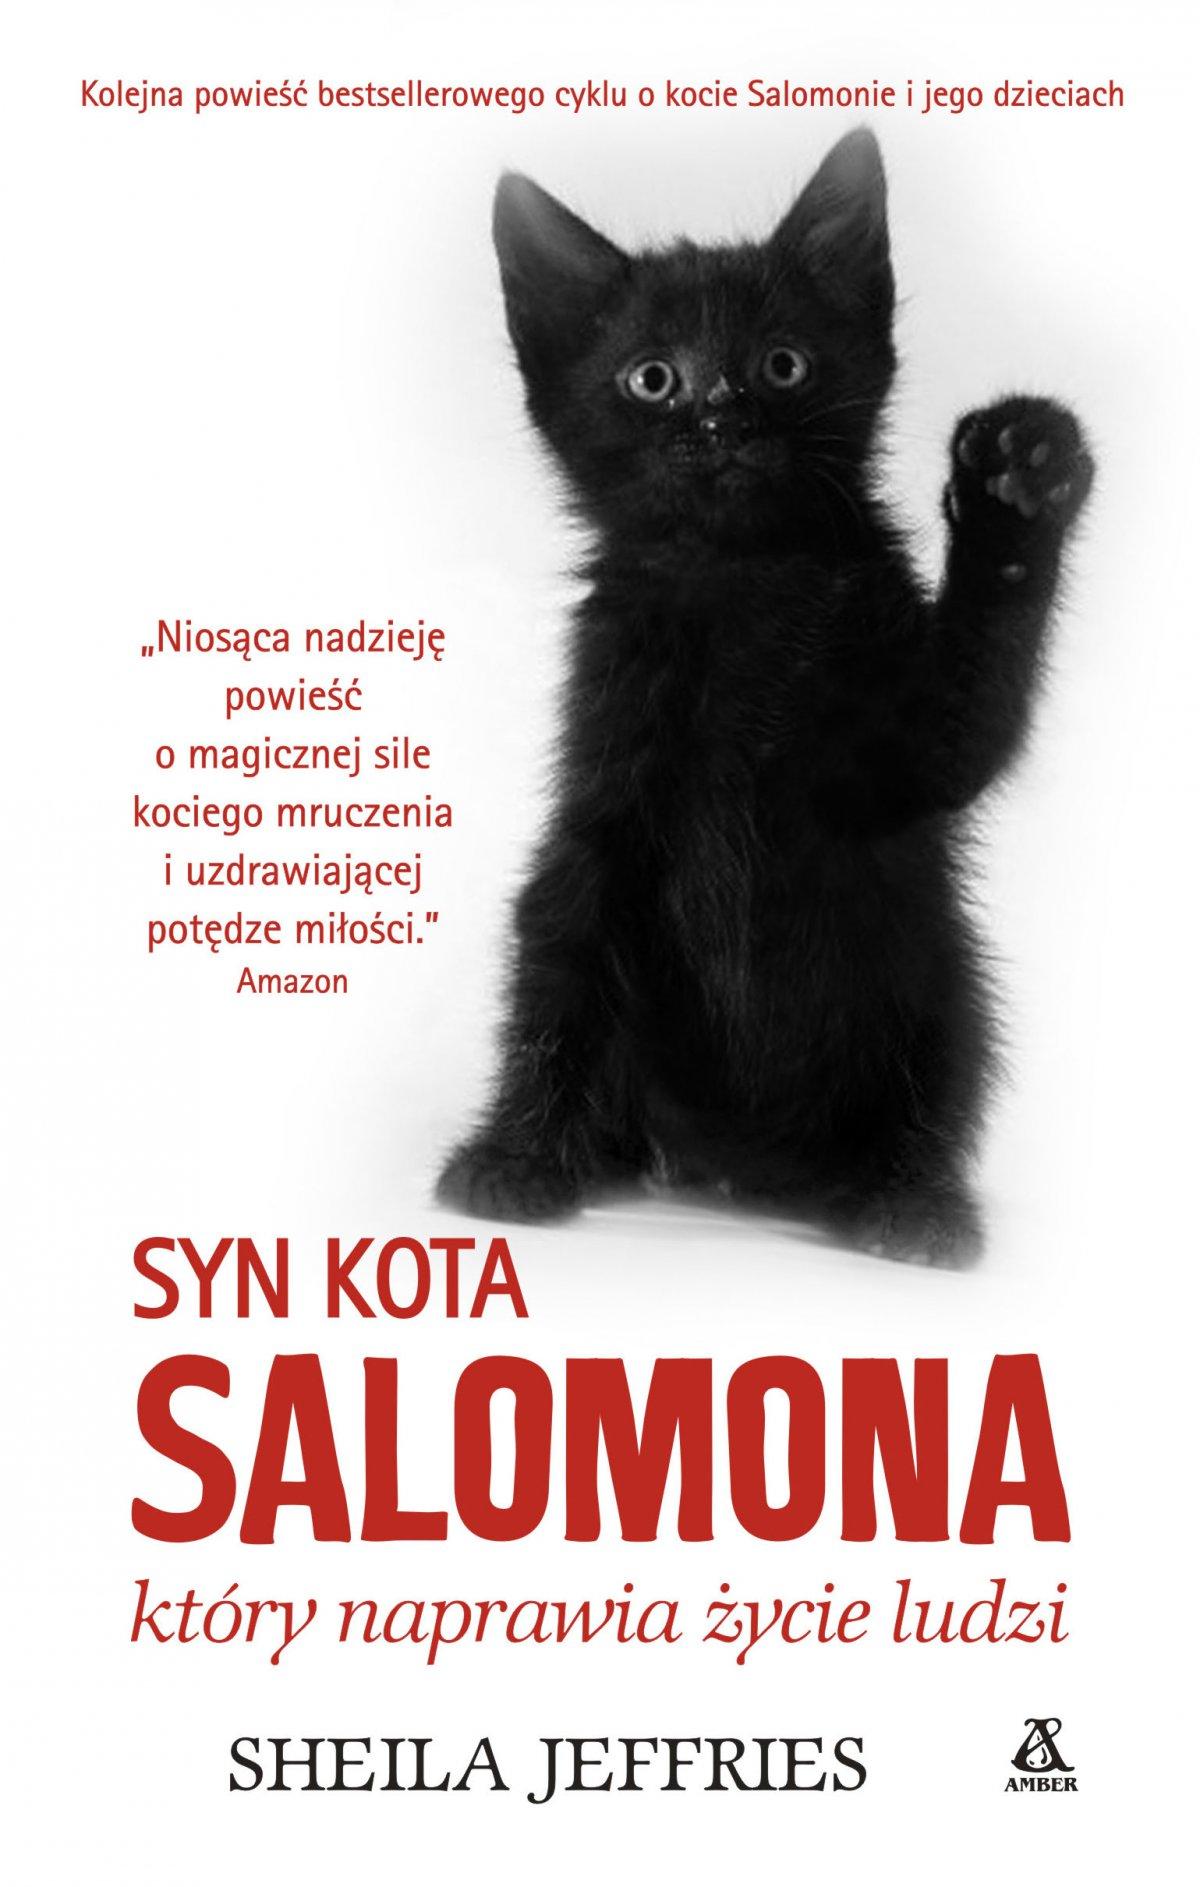 Syn kota Salomona, który naprawia życie ludzi - Ebook (Książka EPUB) do pobrania w formacie EPUB